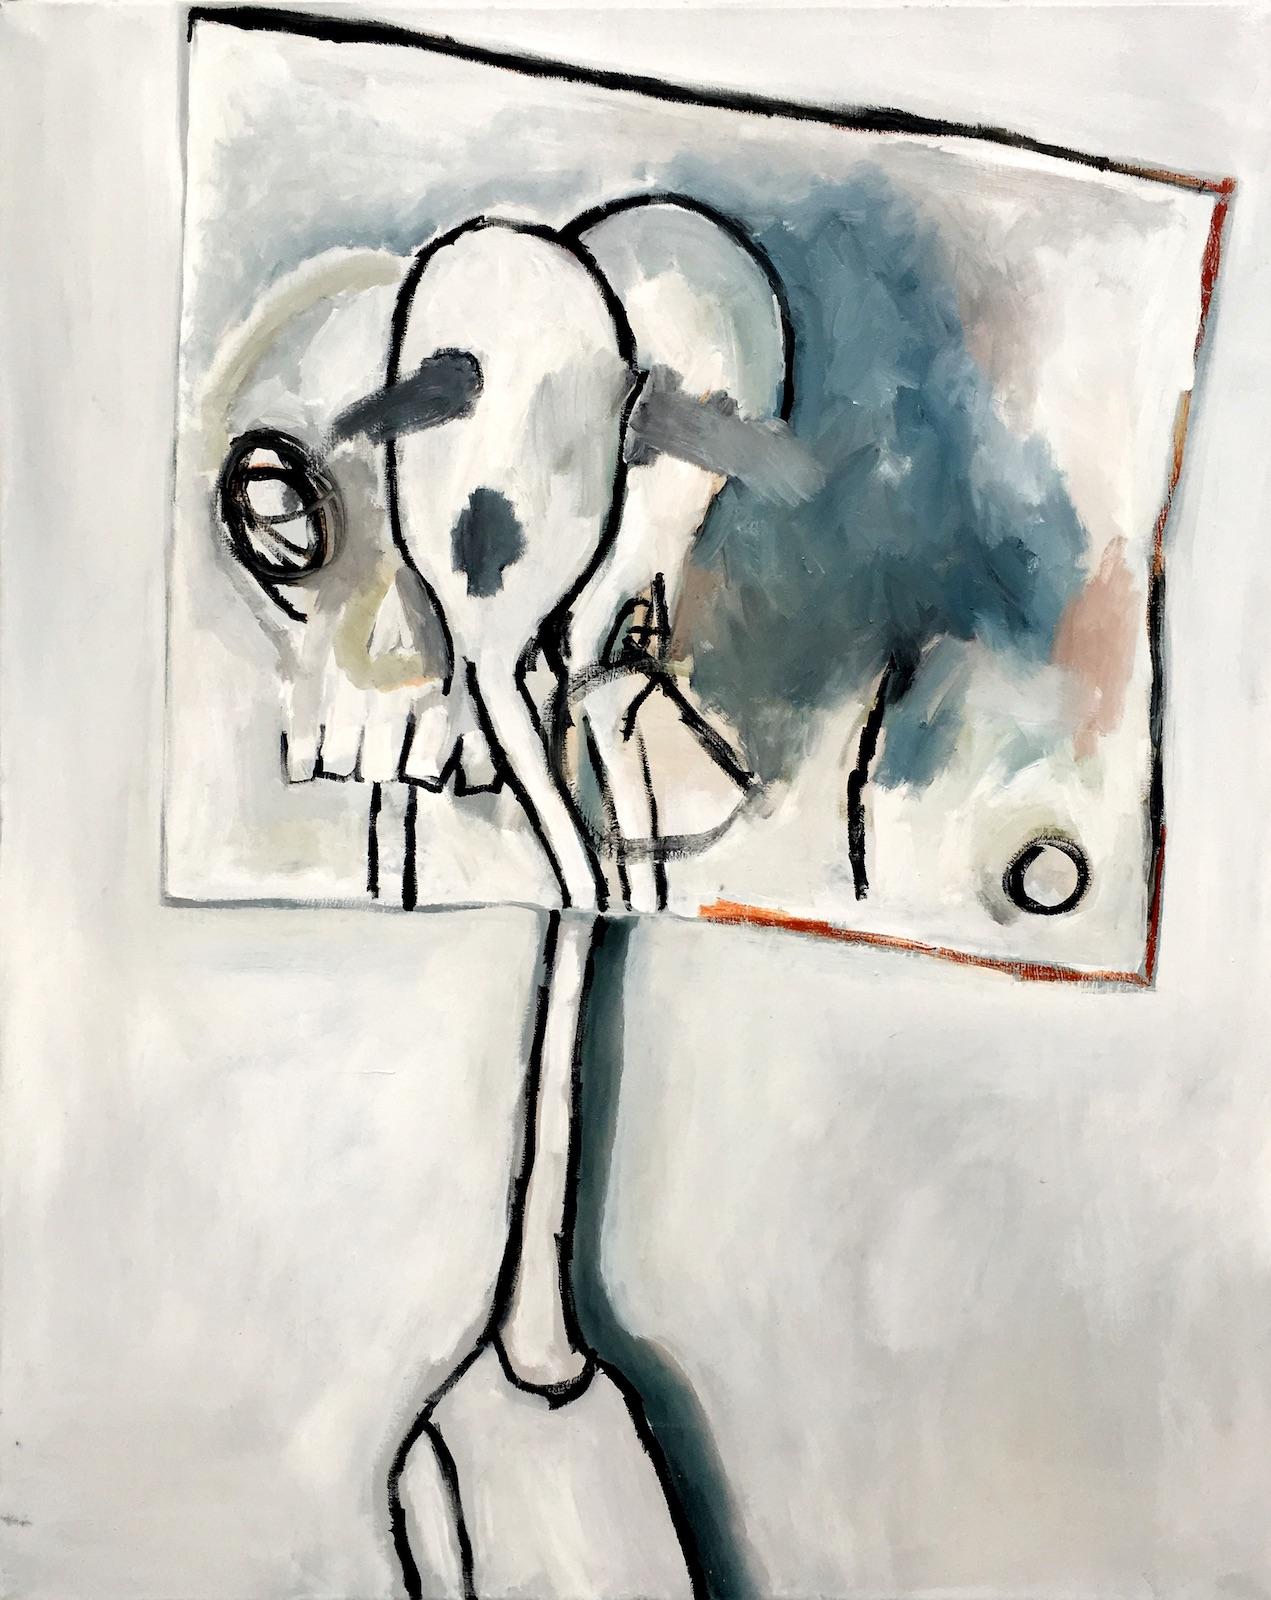 Irrtümer, 2018, Öl auf Leinwand, 90 x 50 cm ©Sophie Ullrich